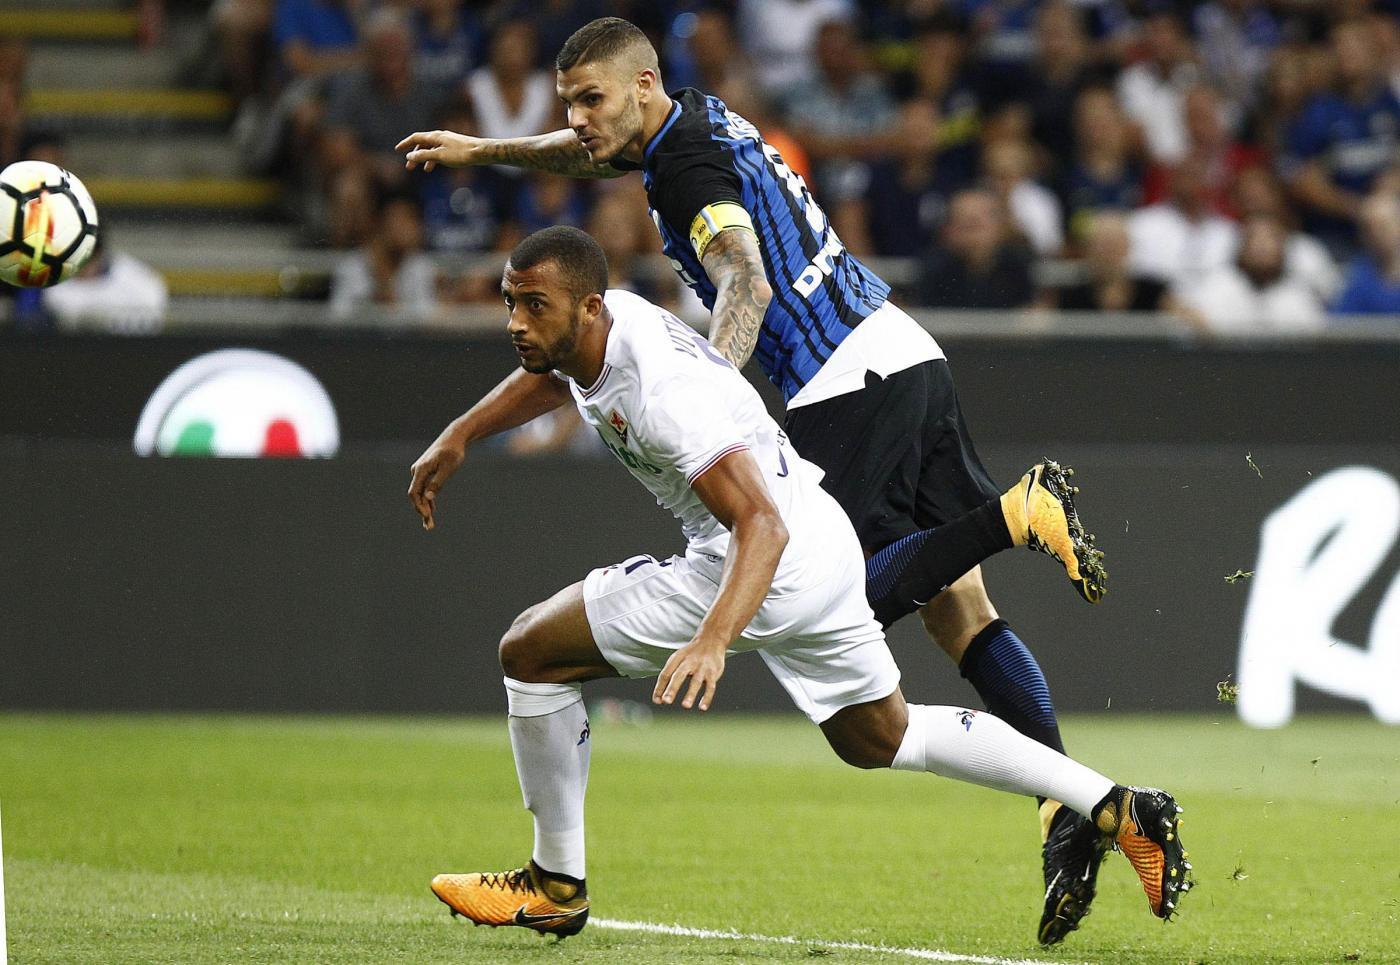 Troppi errori in difesa, pessima intesa tra Vitor Hugo e Tomovic. Cosi la Fiorentina esce sconfitta contro i neroazzurri